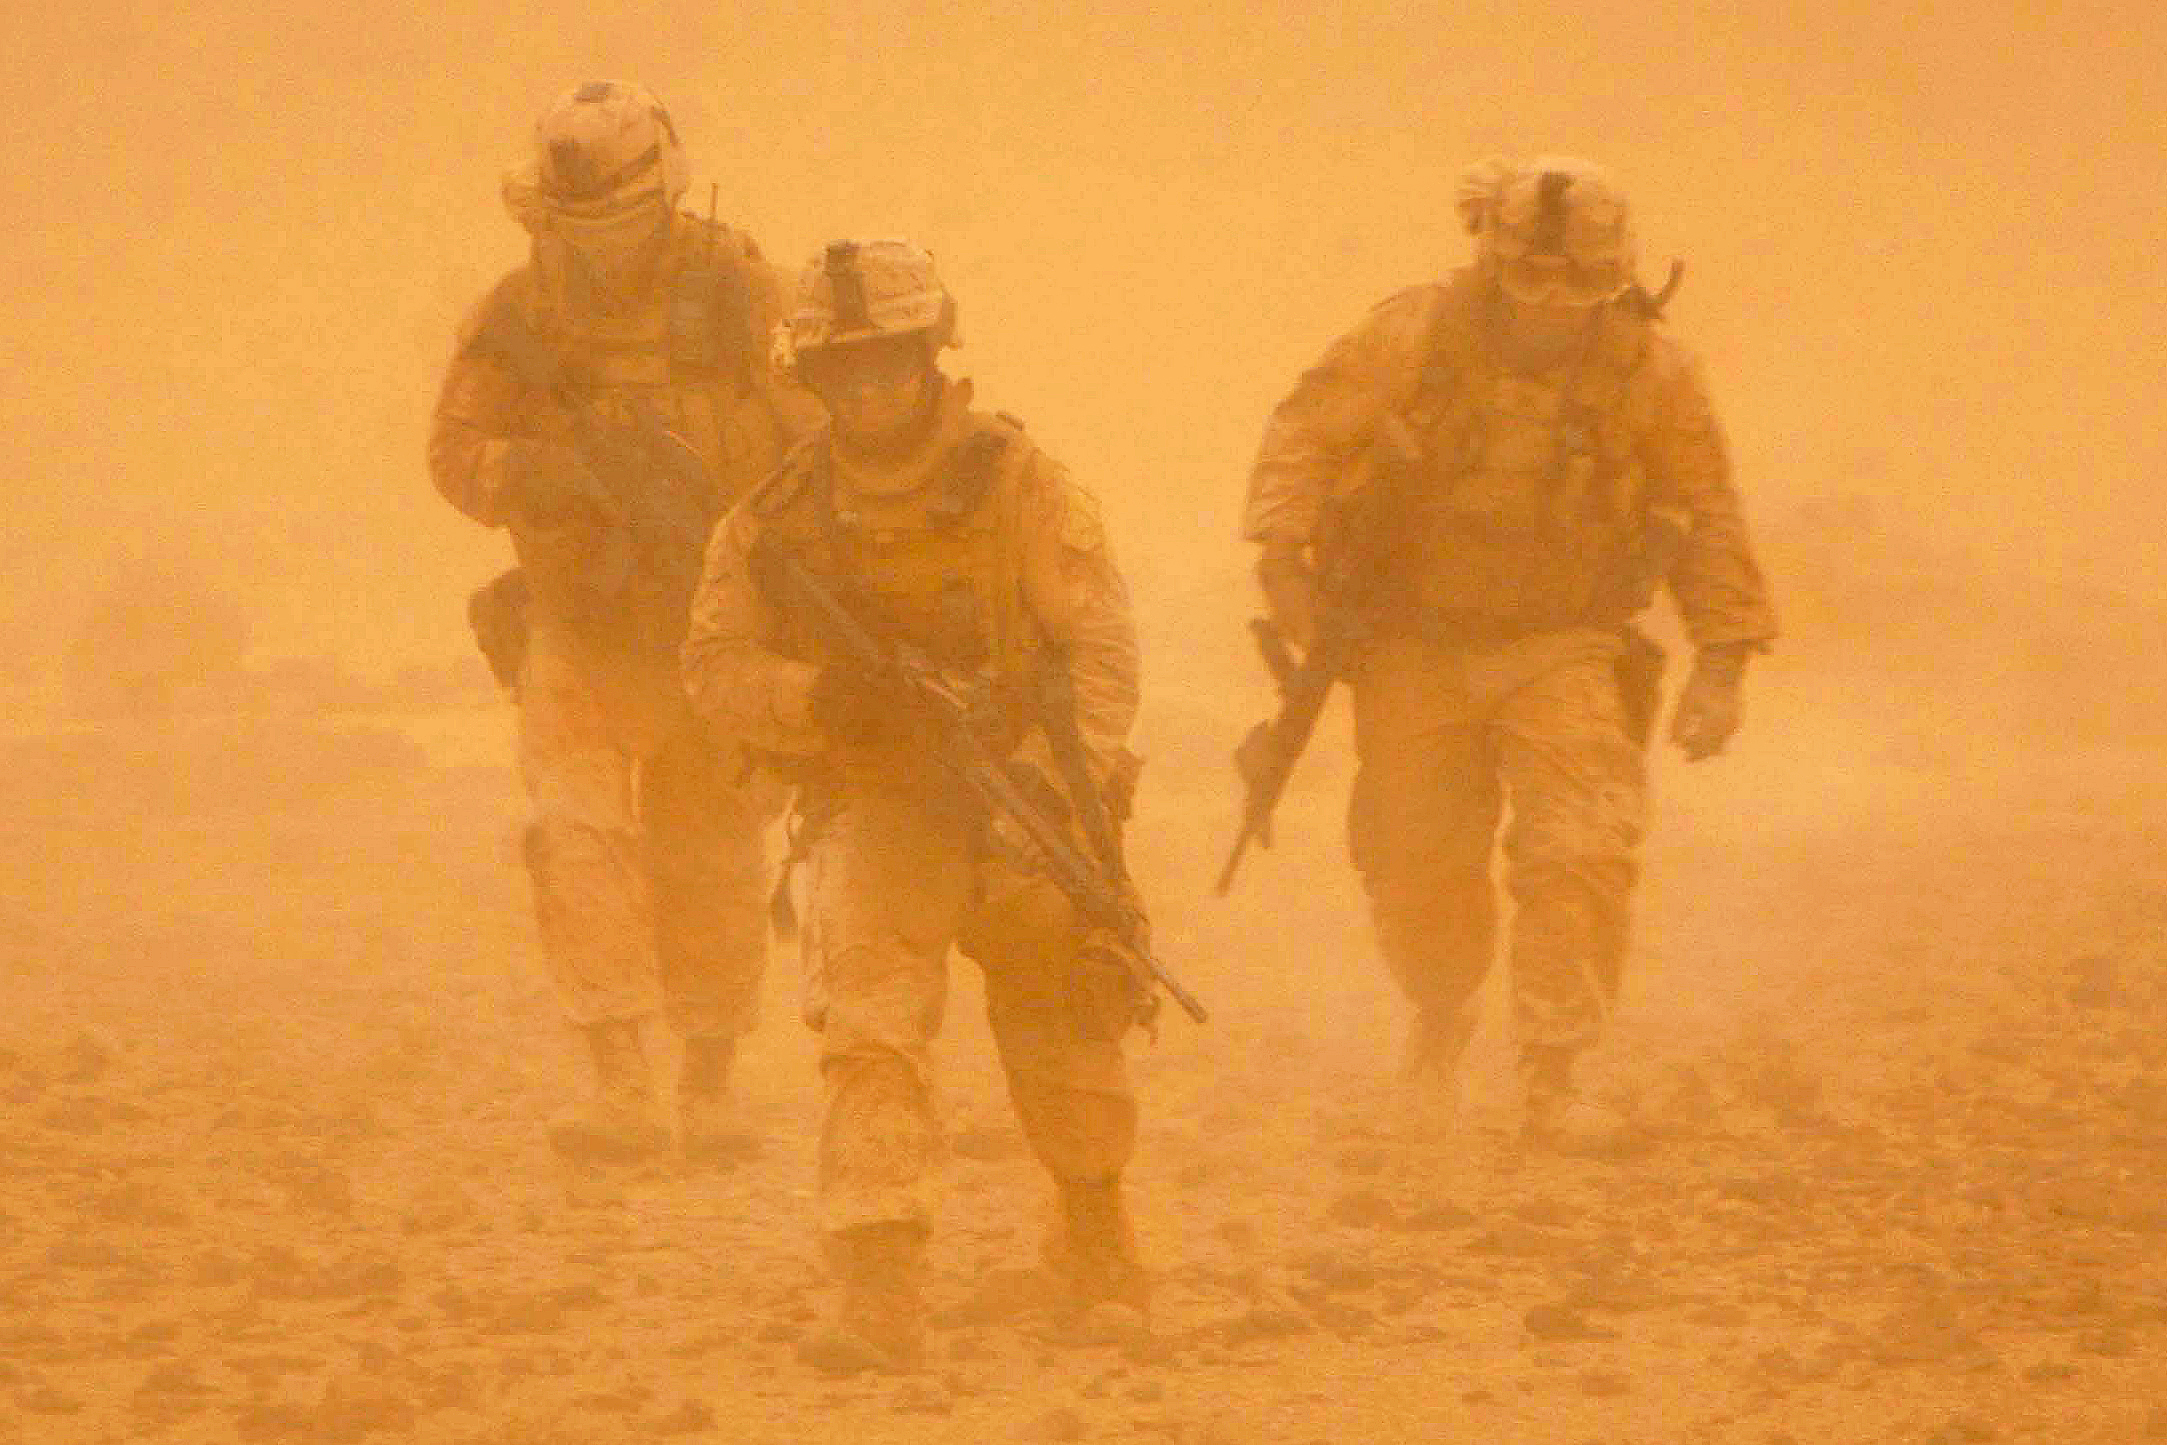 Aghan sand storm